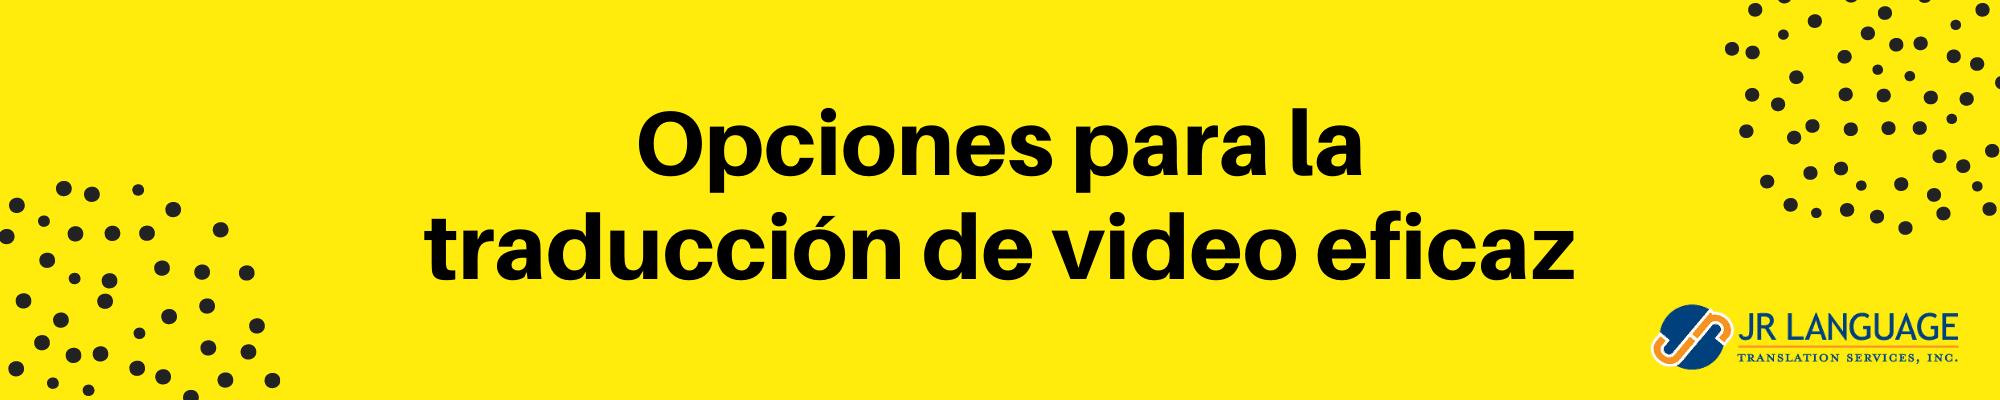 traducción de video al español